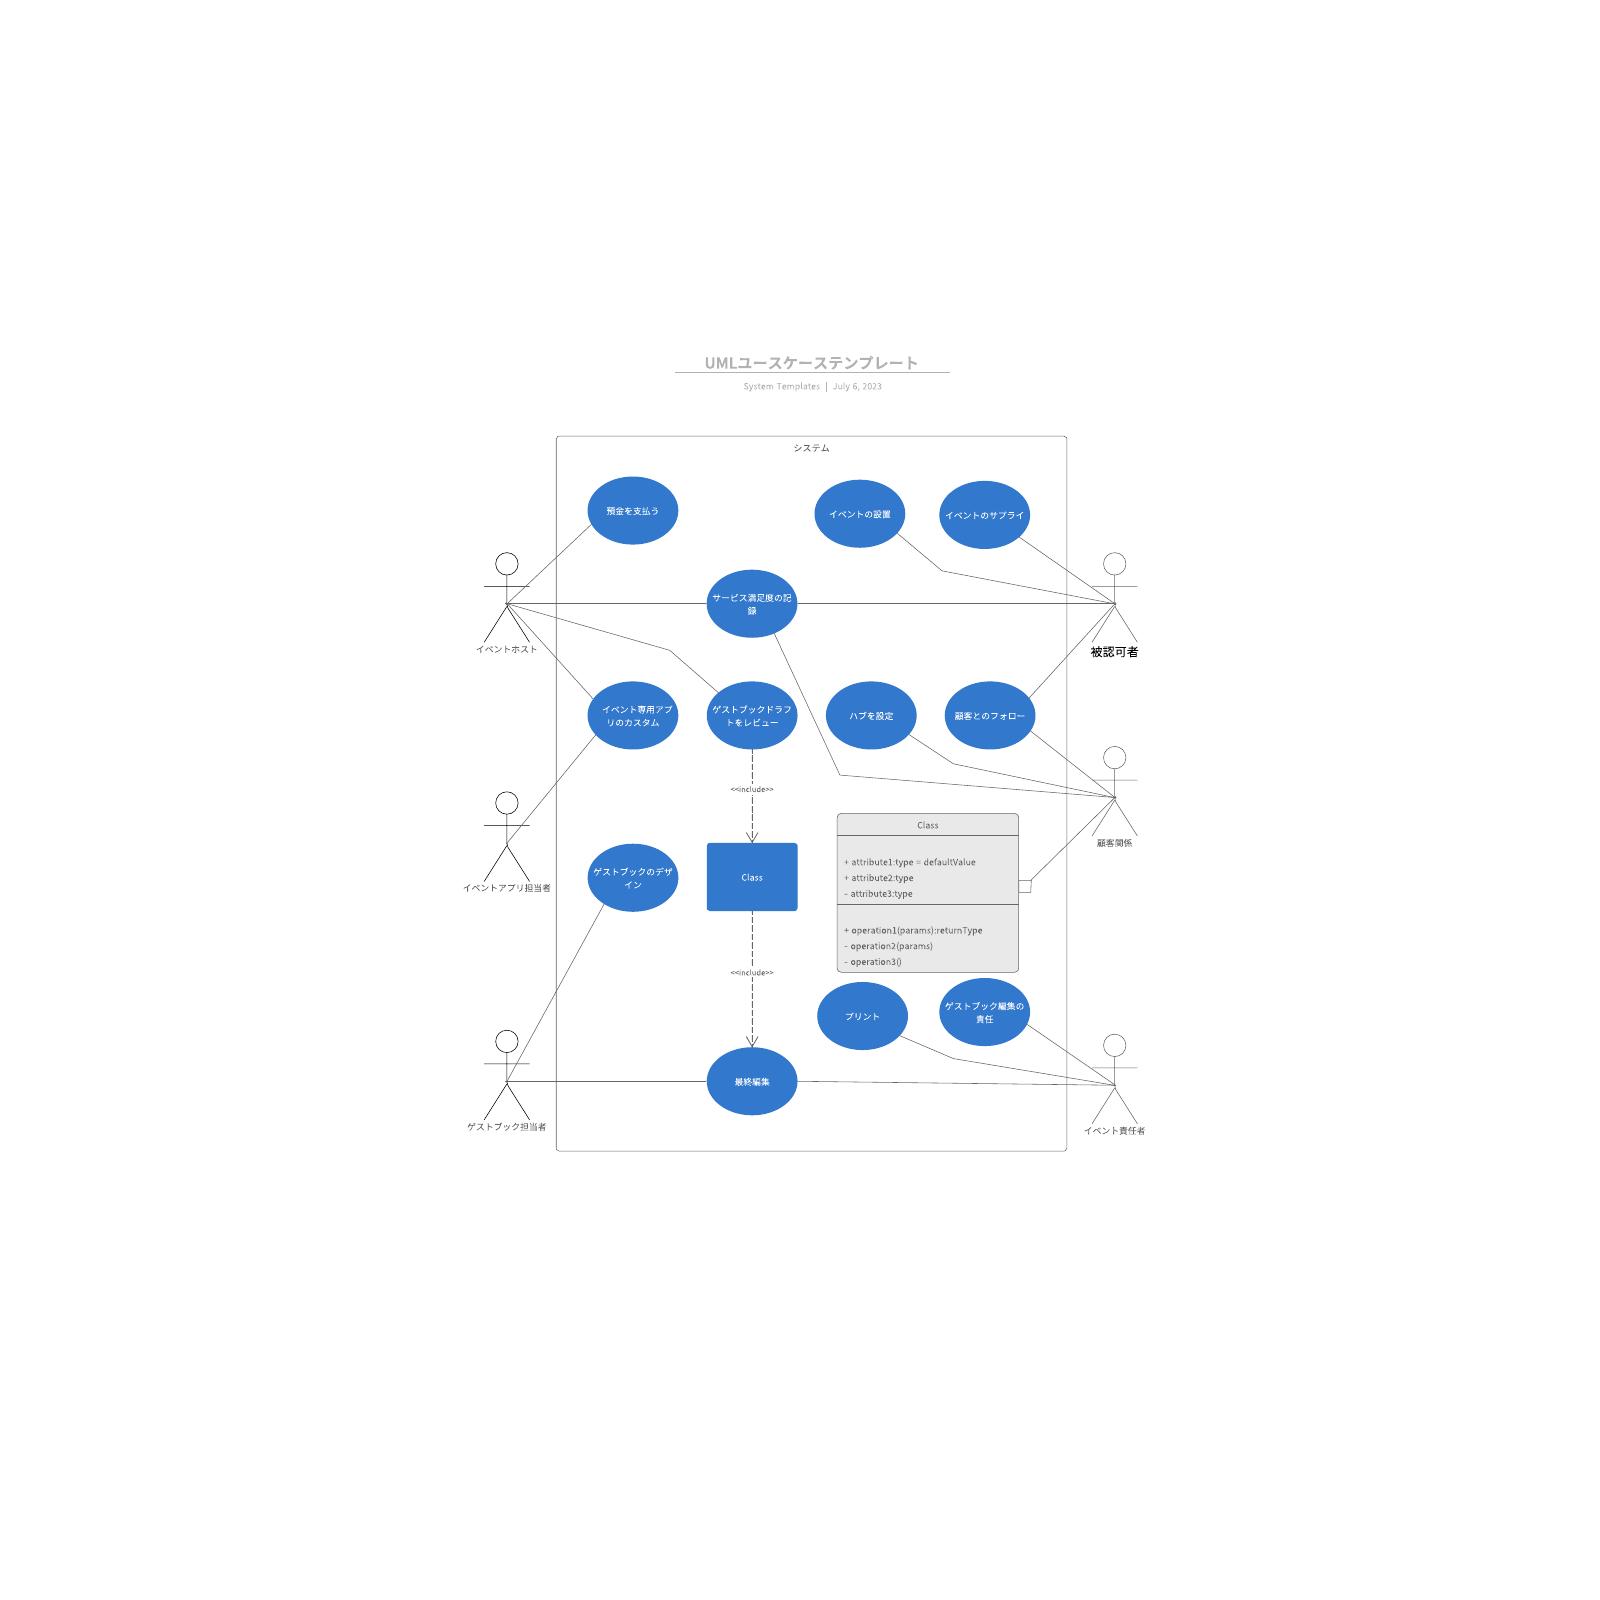 テンプレートで分かるユースケース図